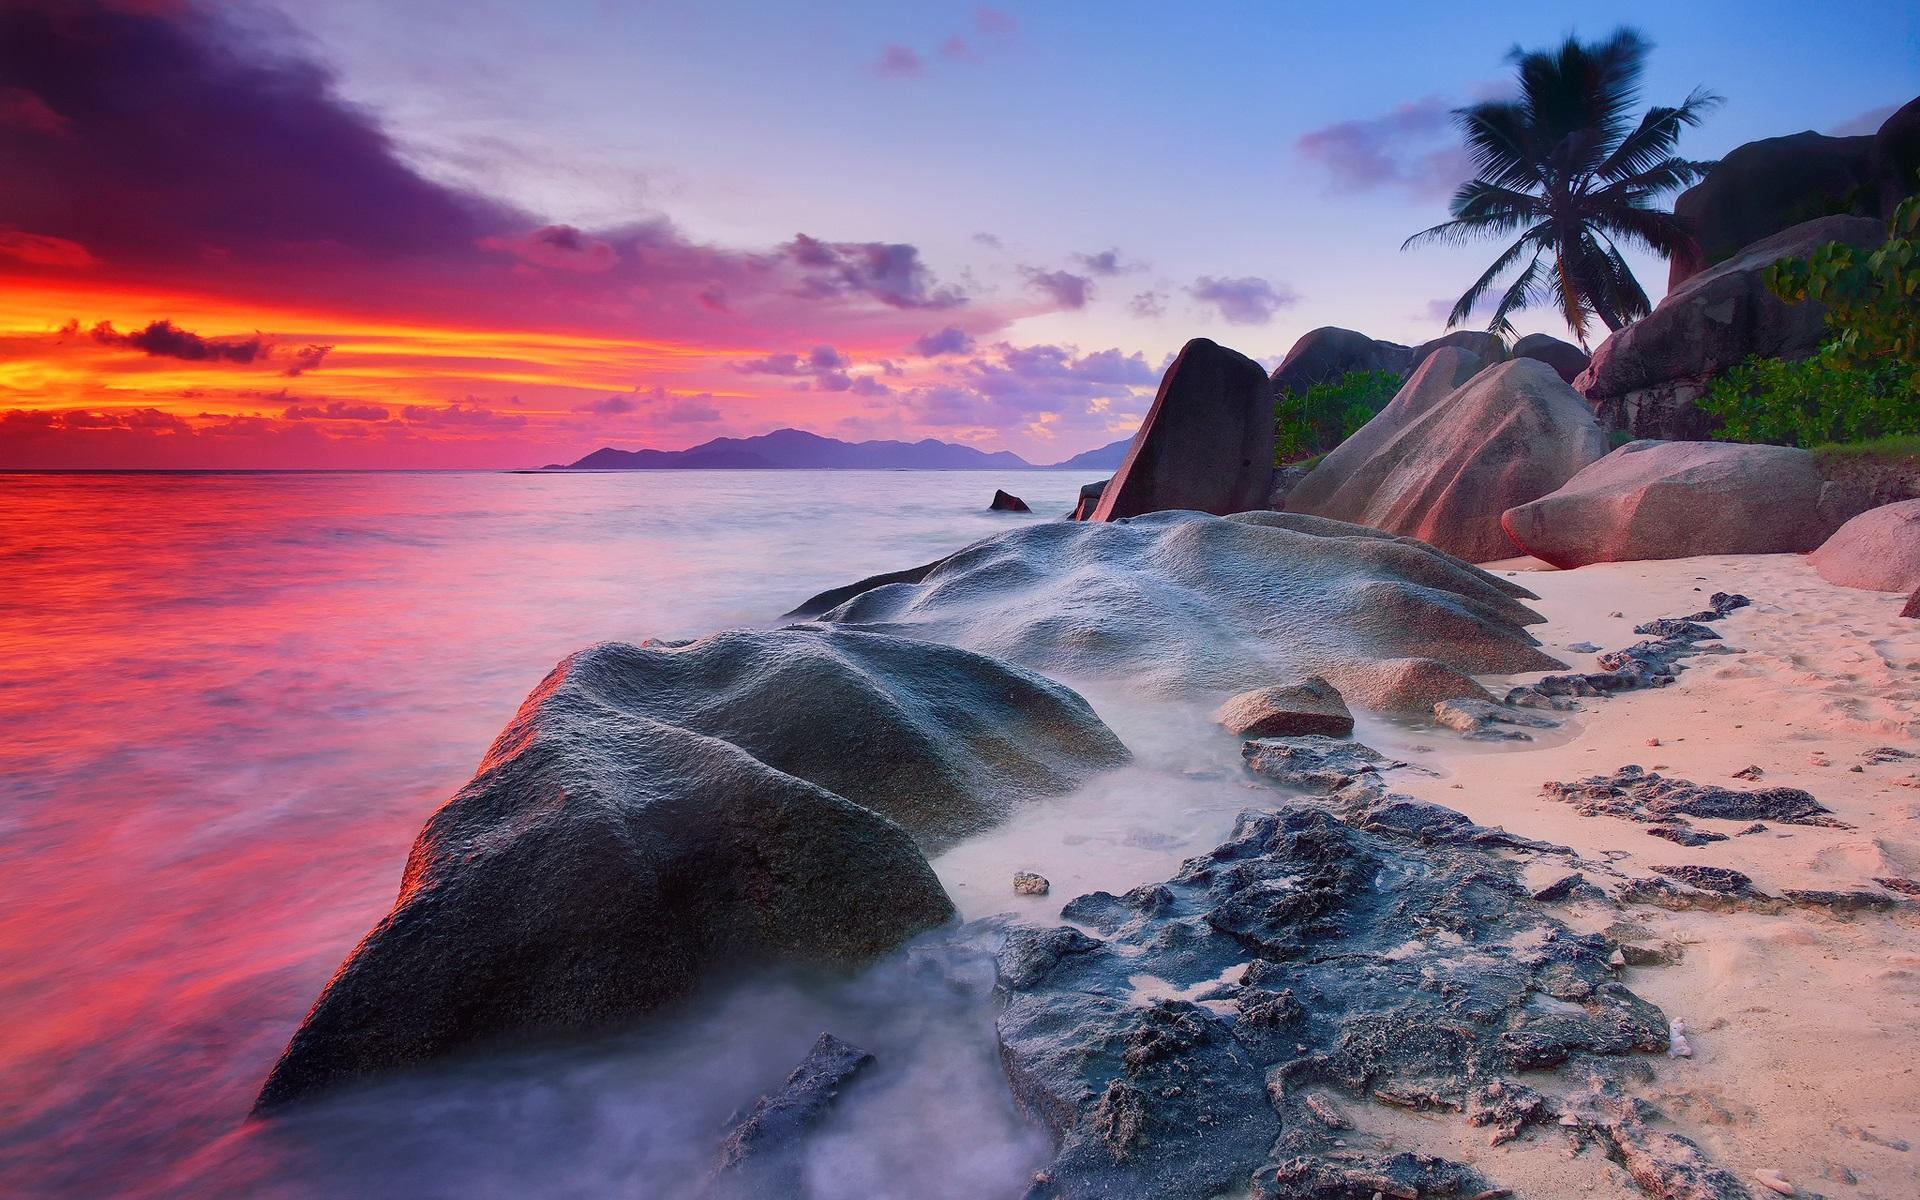 セーシェル、ラ·ディーグ島、インド洋、海、石、ヤ... セーシェル、ラ·ディーグ島、インド洋、海